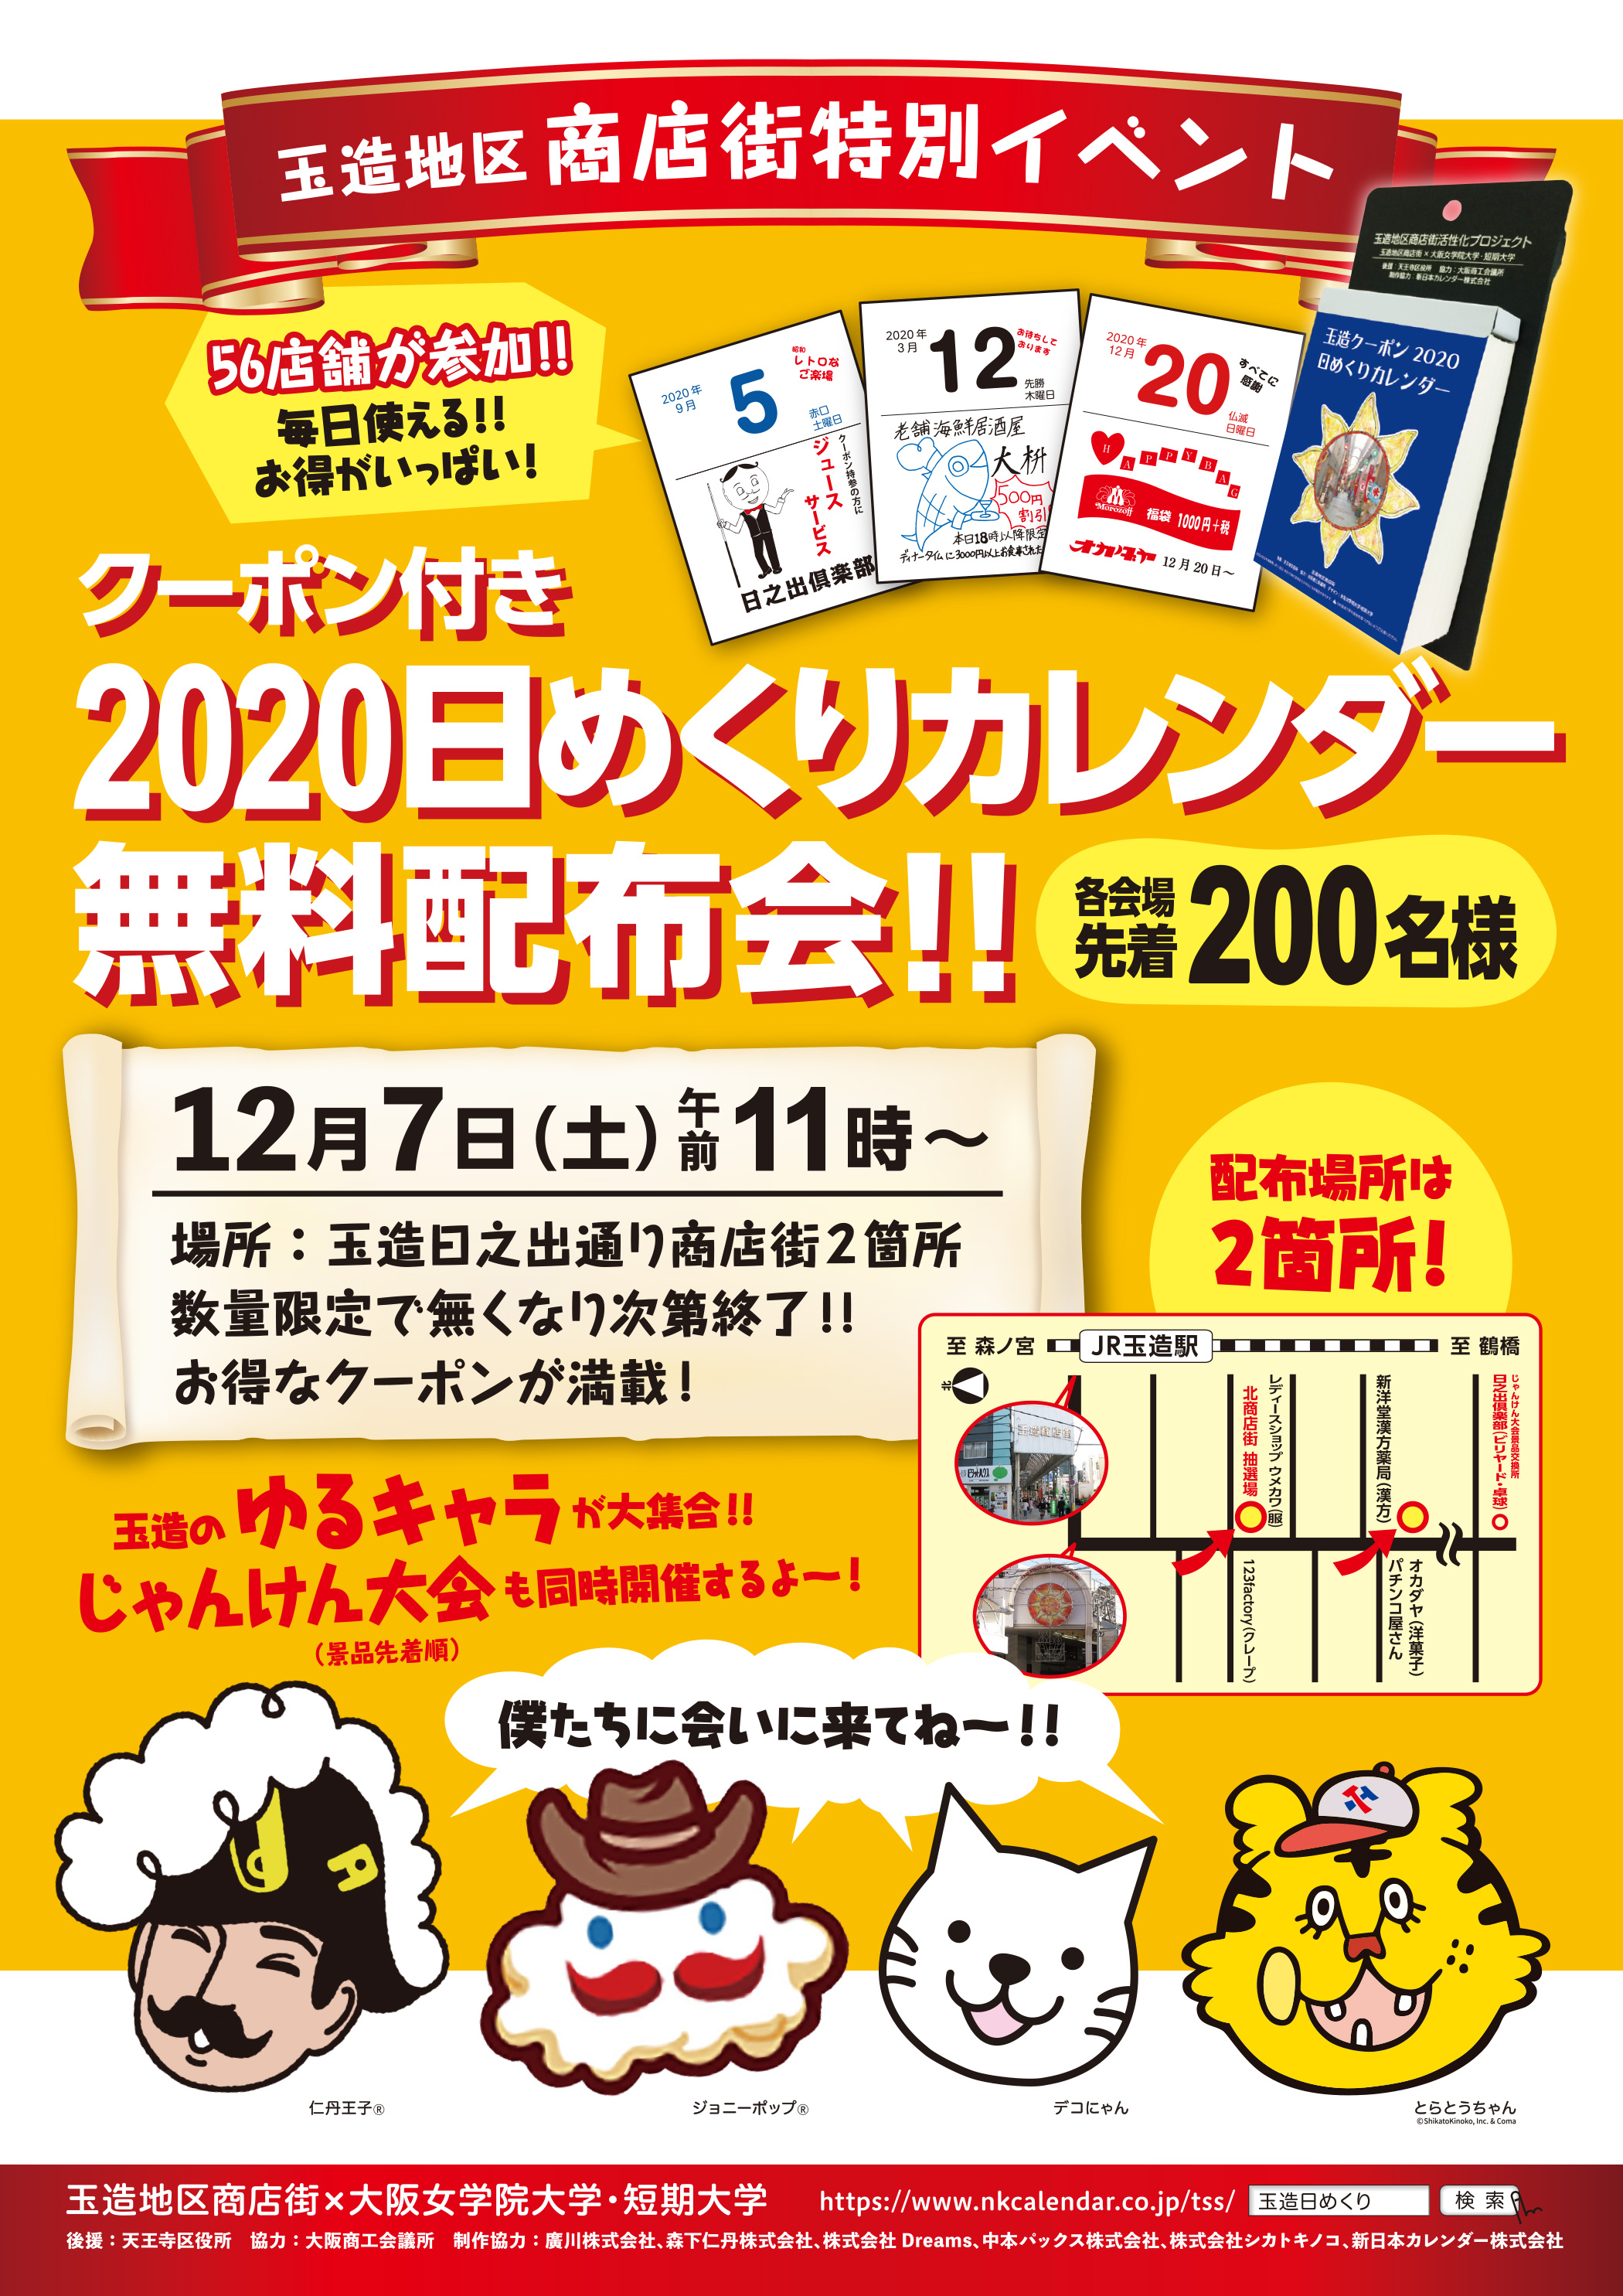 2020日めくりカレンダー無料配布会 とらとうちゃん